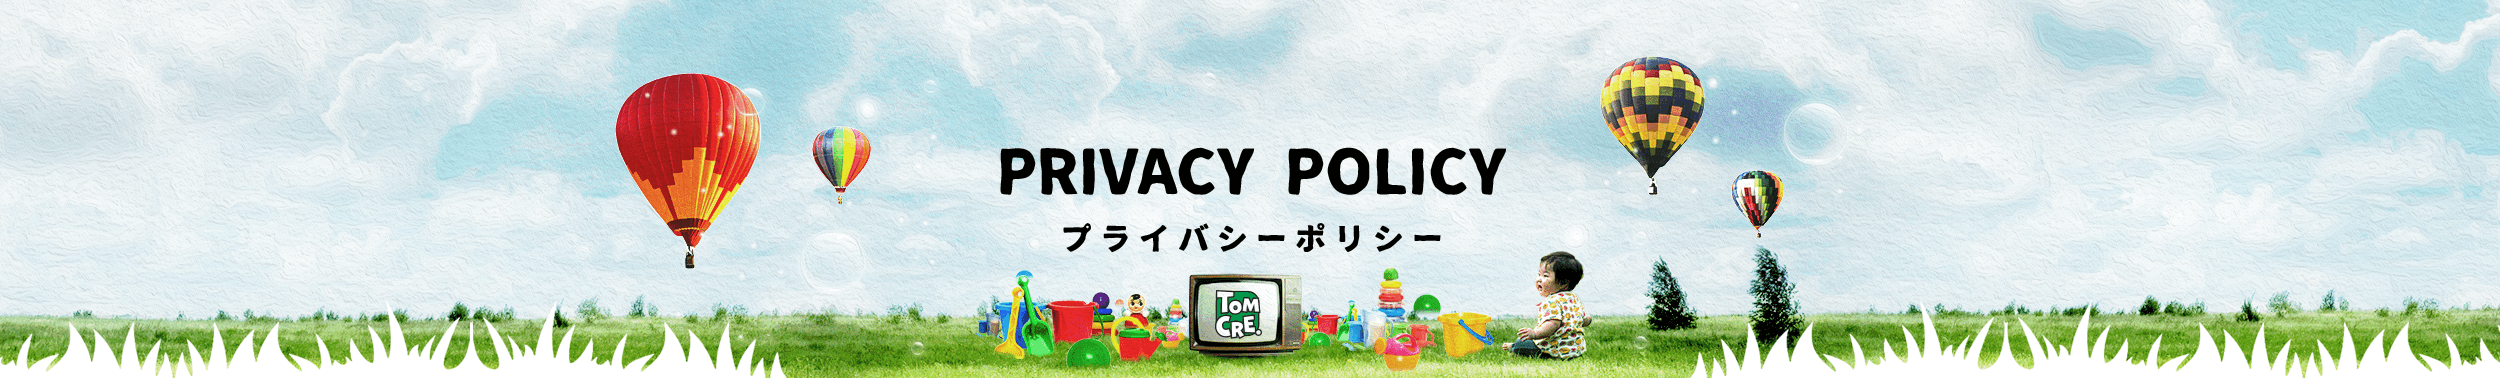 PRIVACY POLICY 個人情報保護法